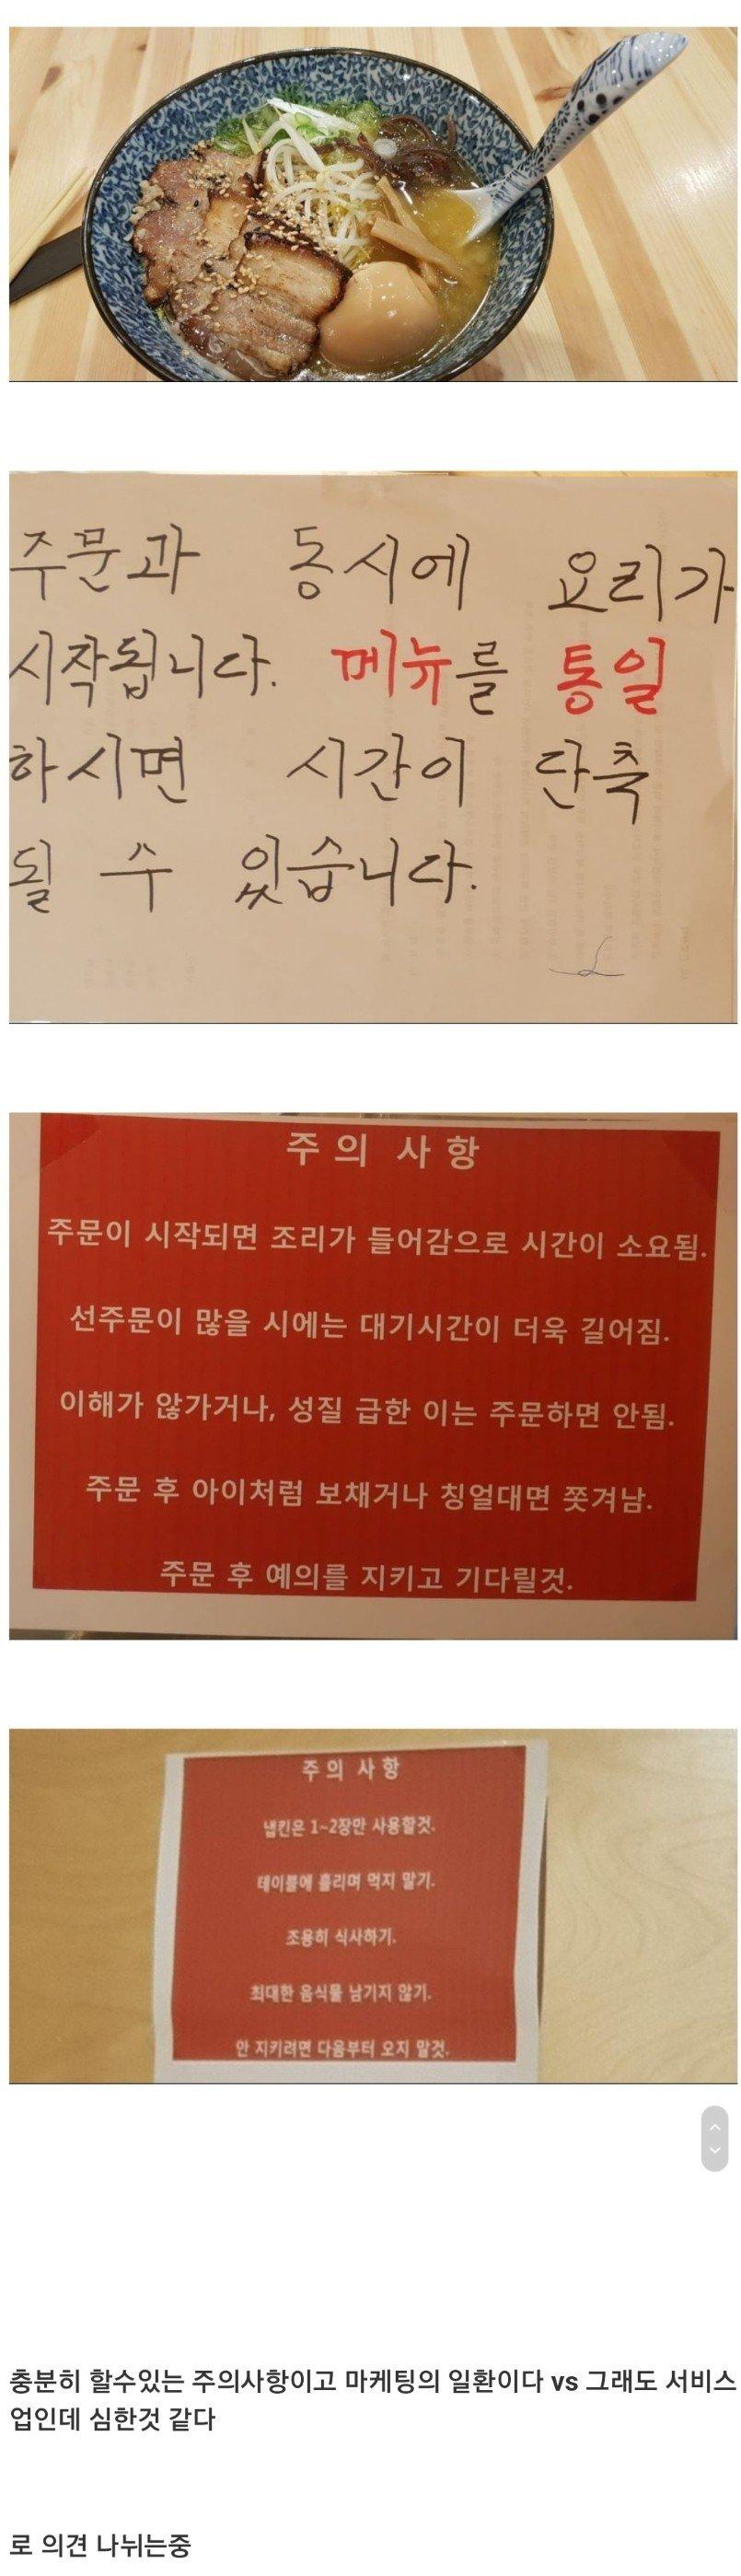 논란 중인 건대 라멘집.jpg